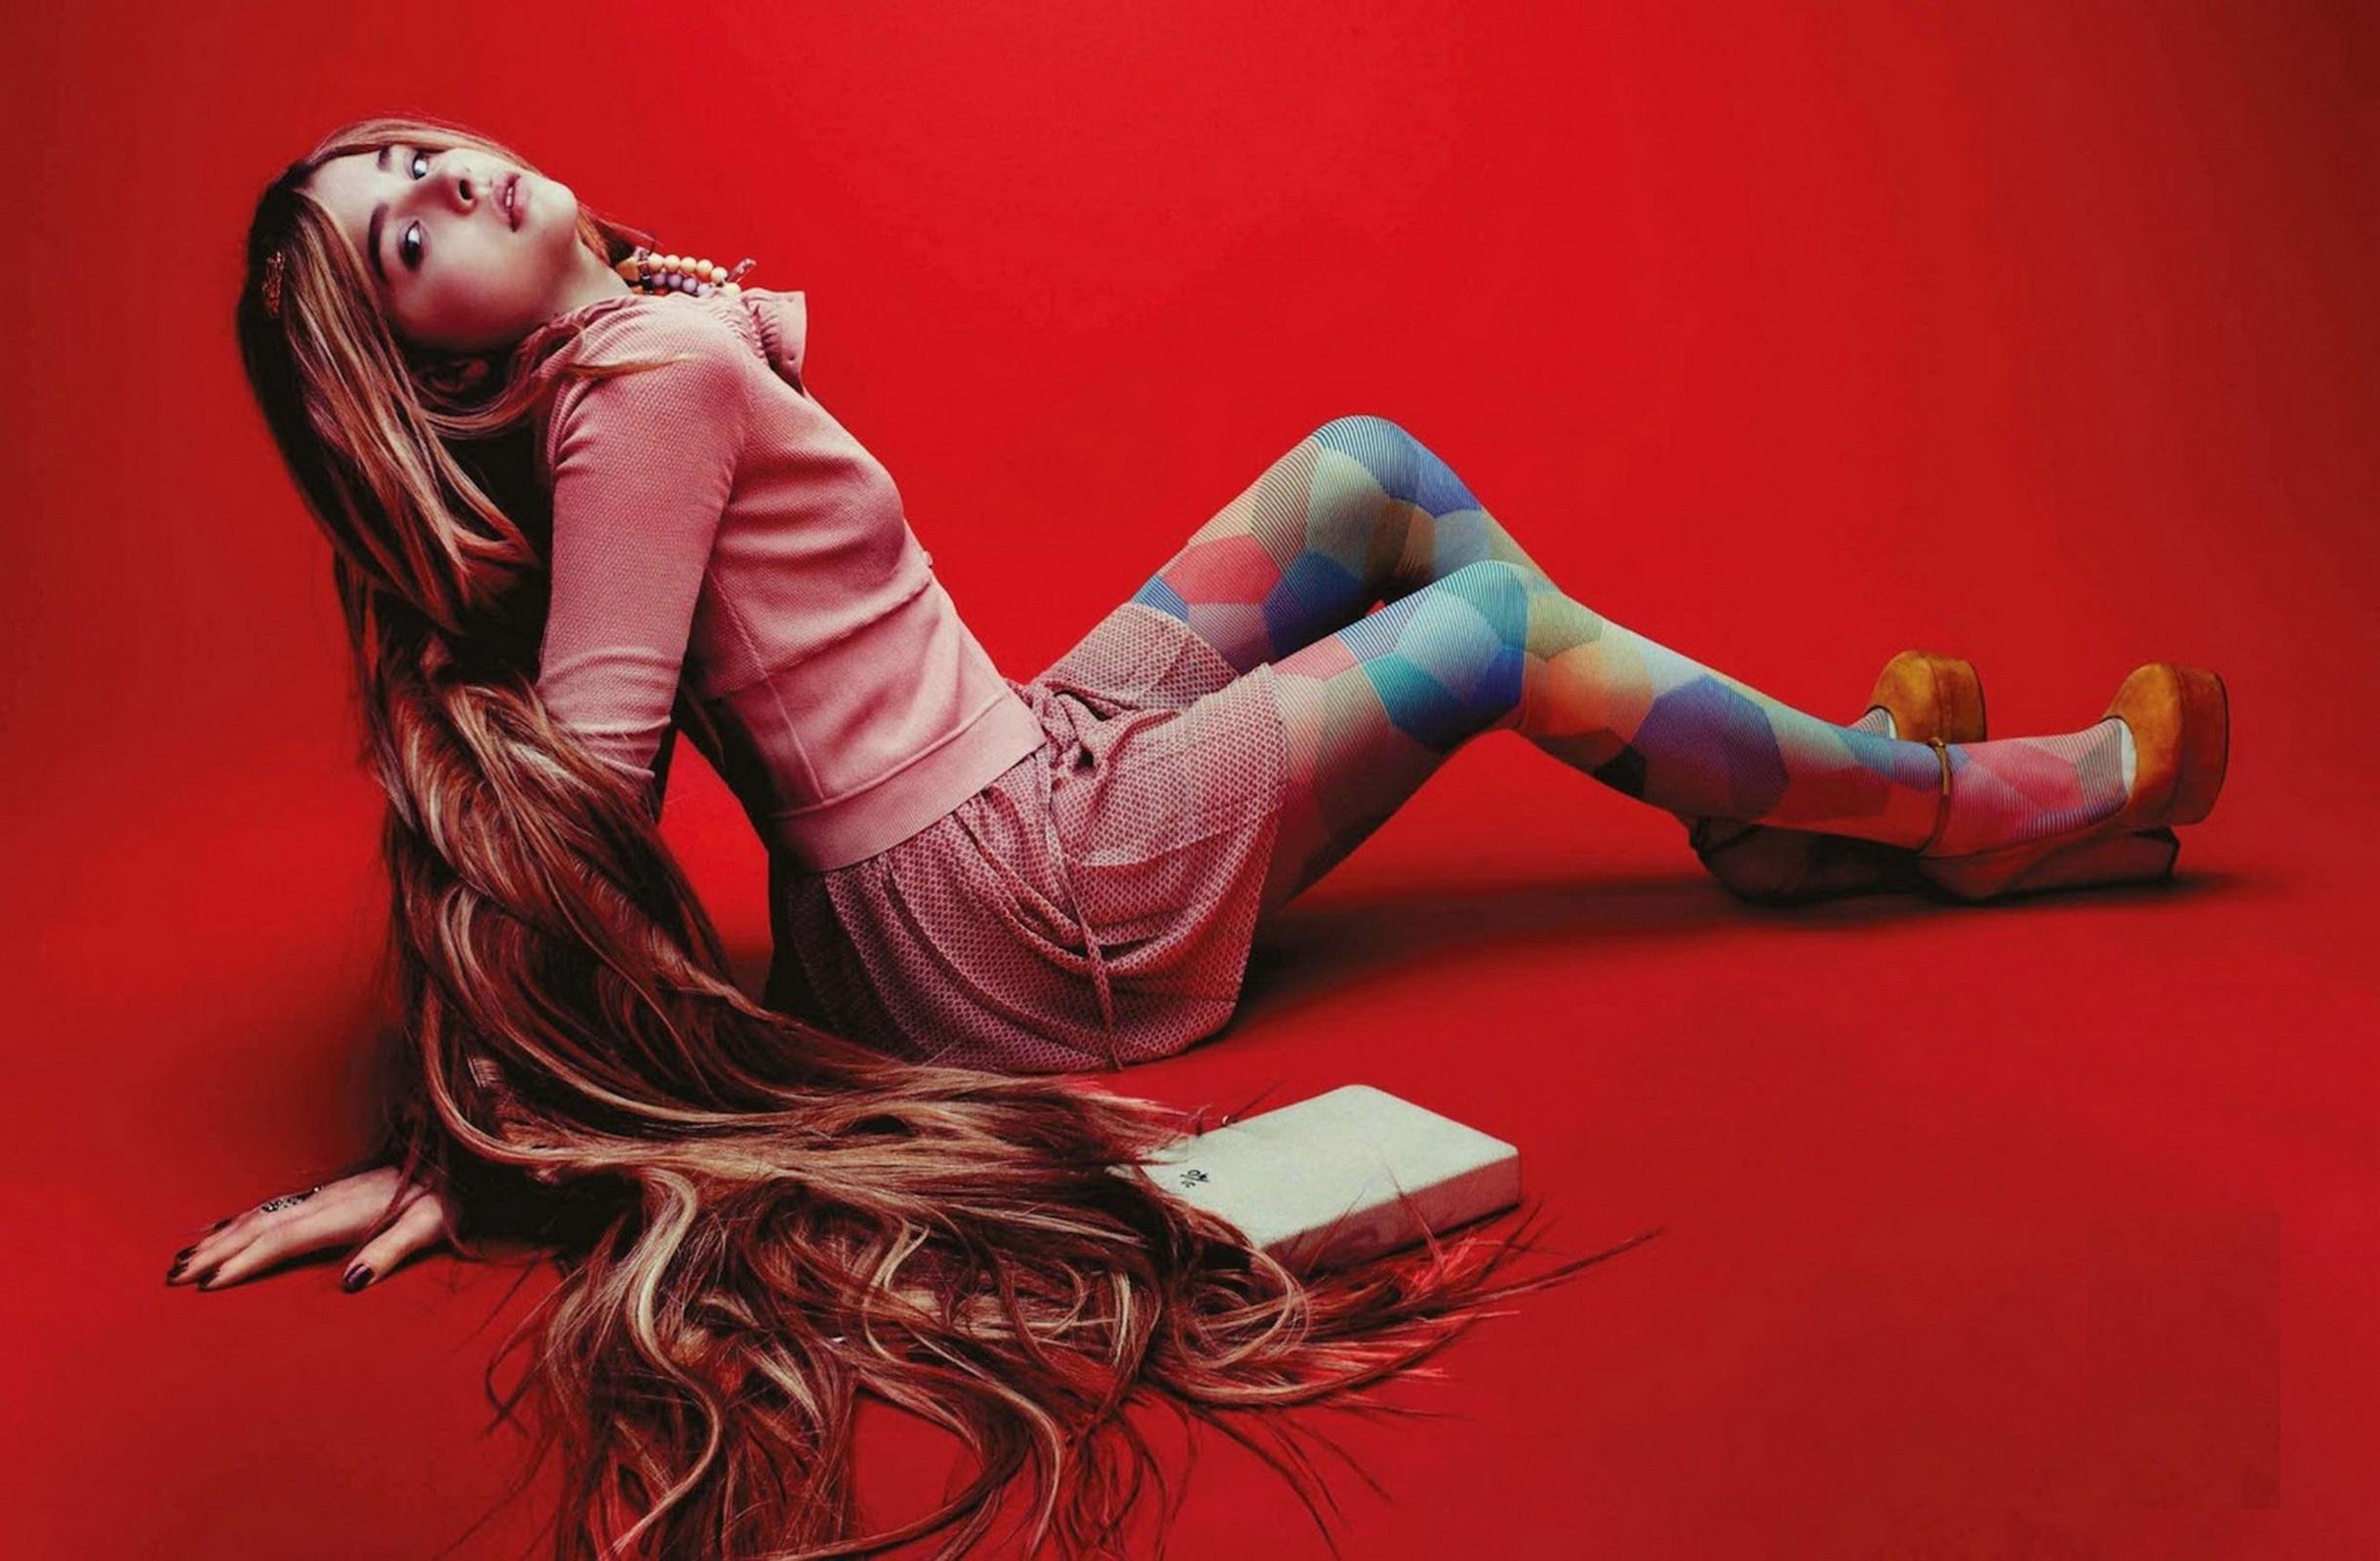 Chloe Grace Moretz wallpaper